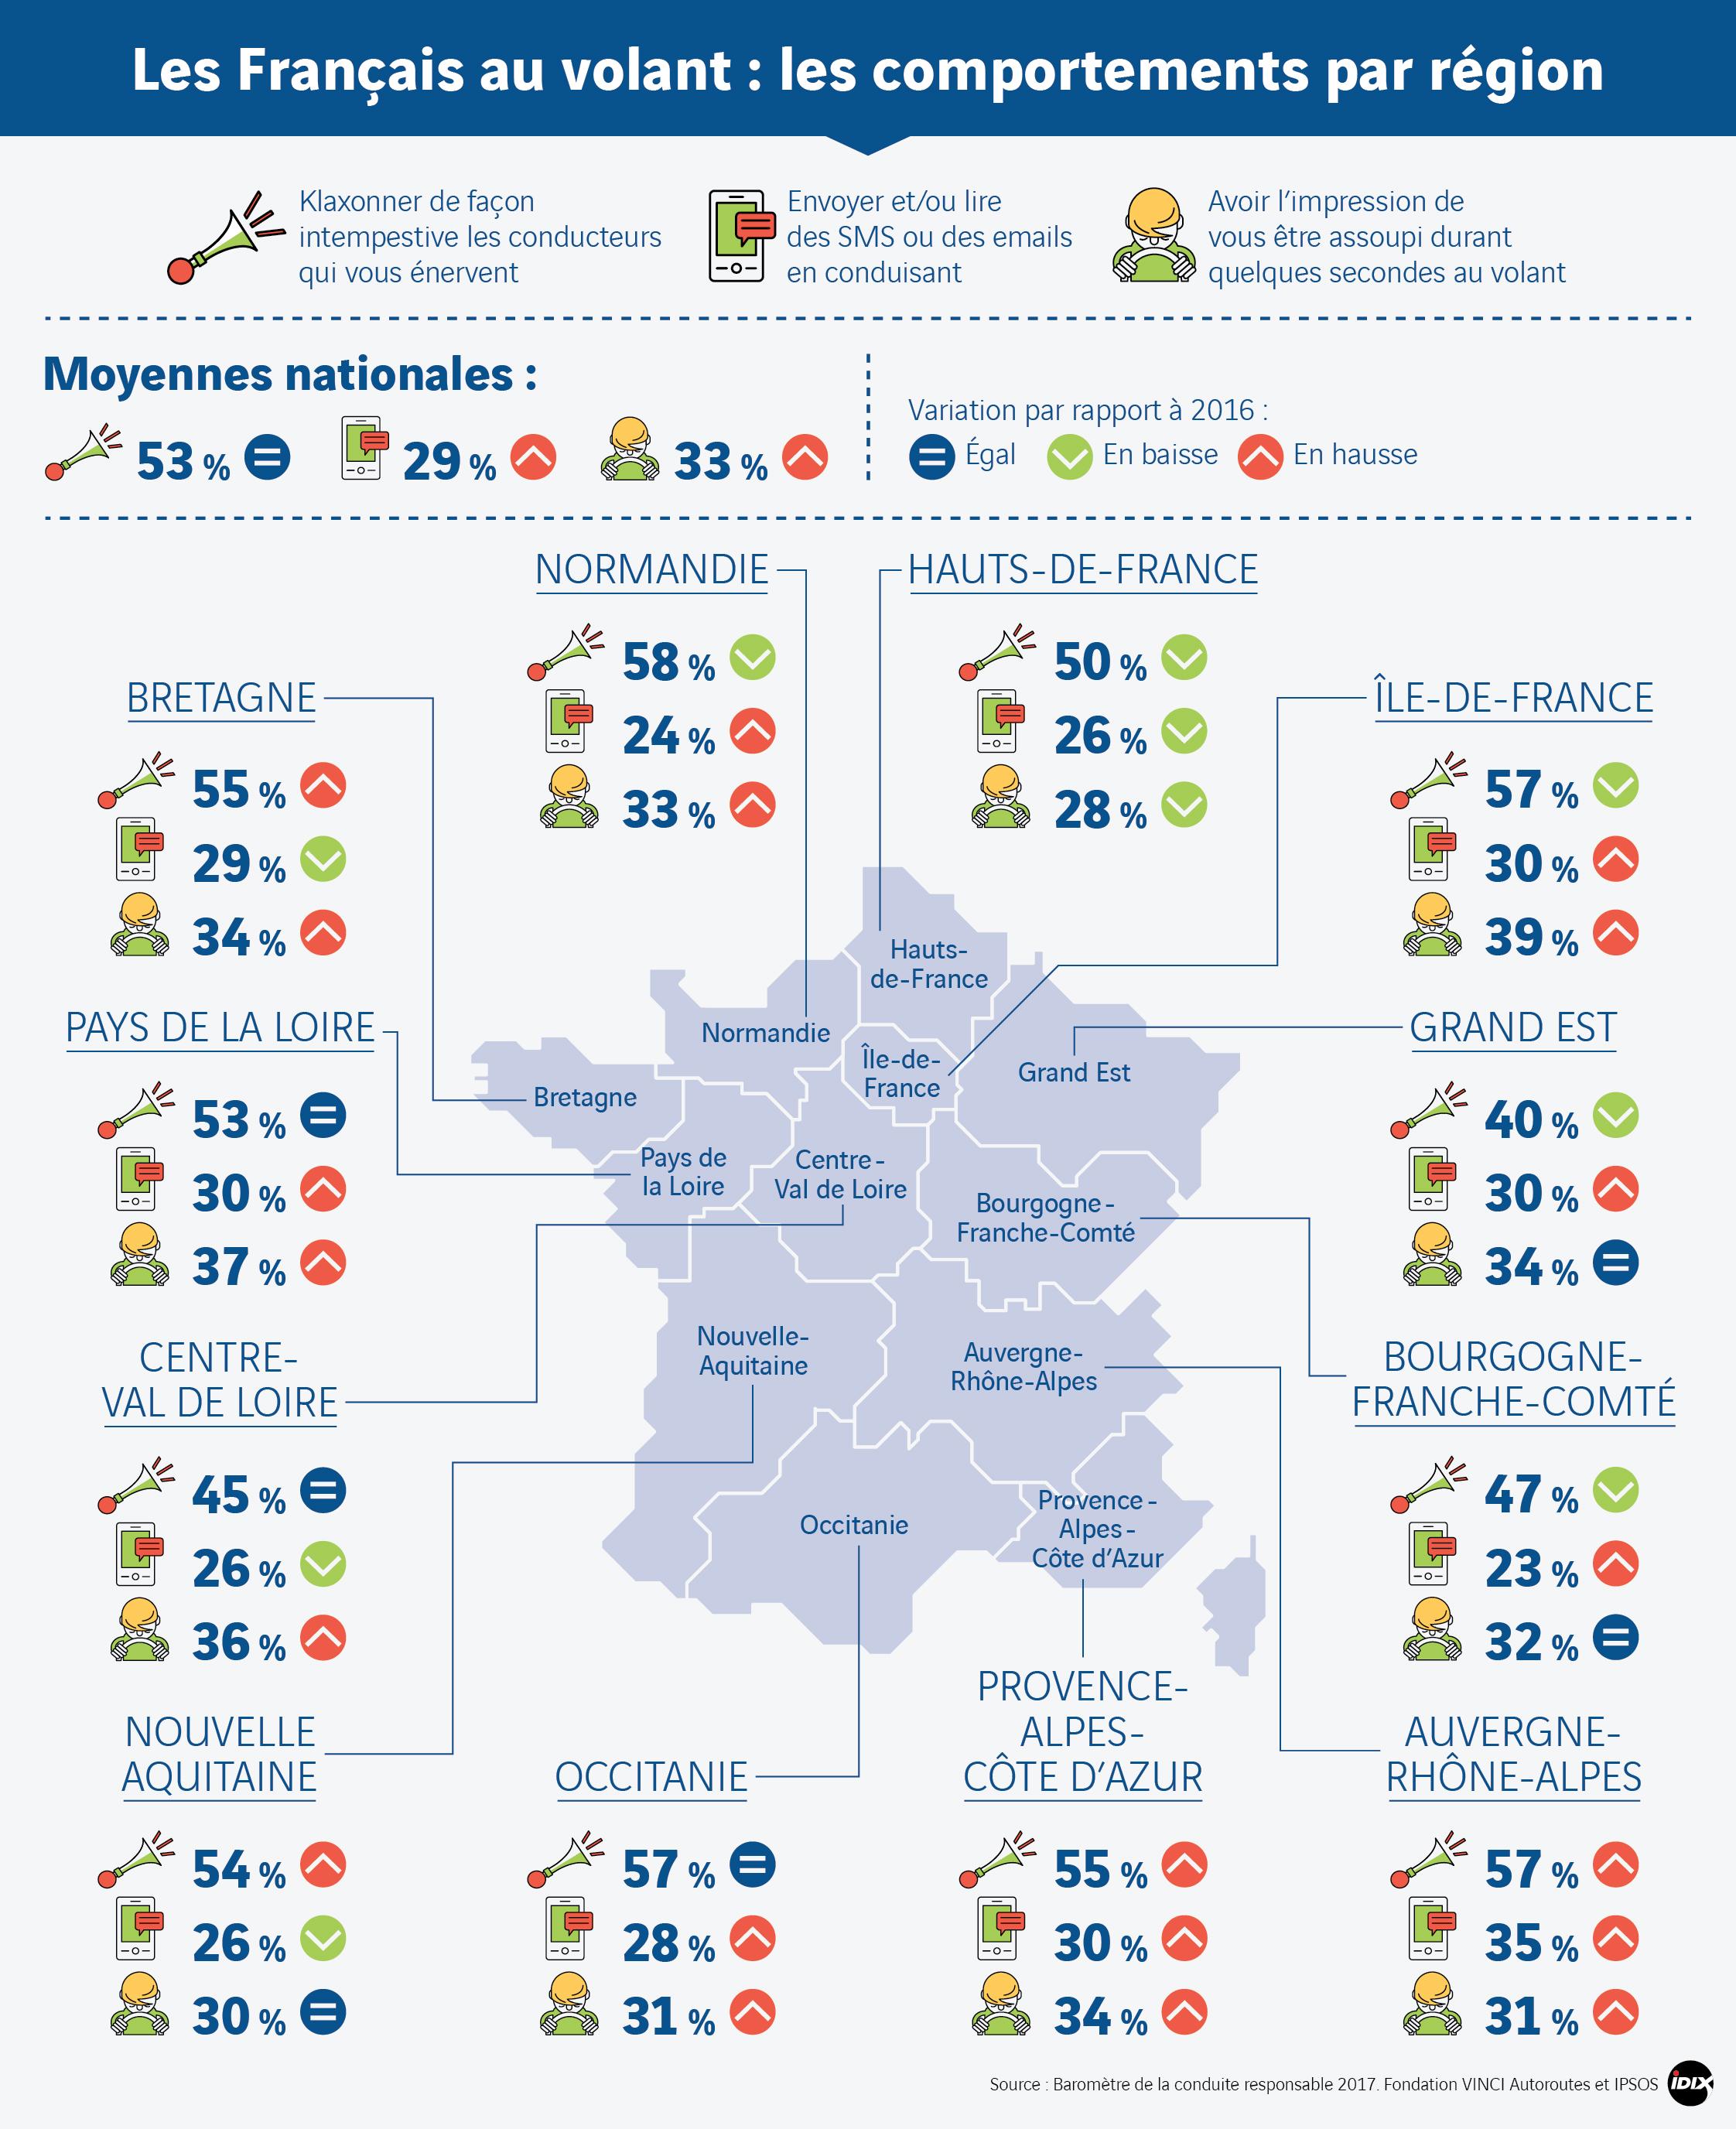 Baromètre 2017 - Les comportements par région